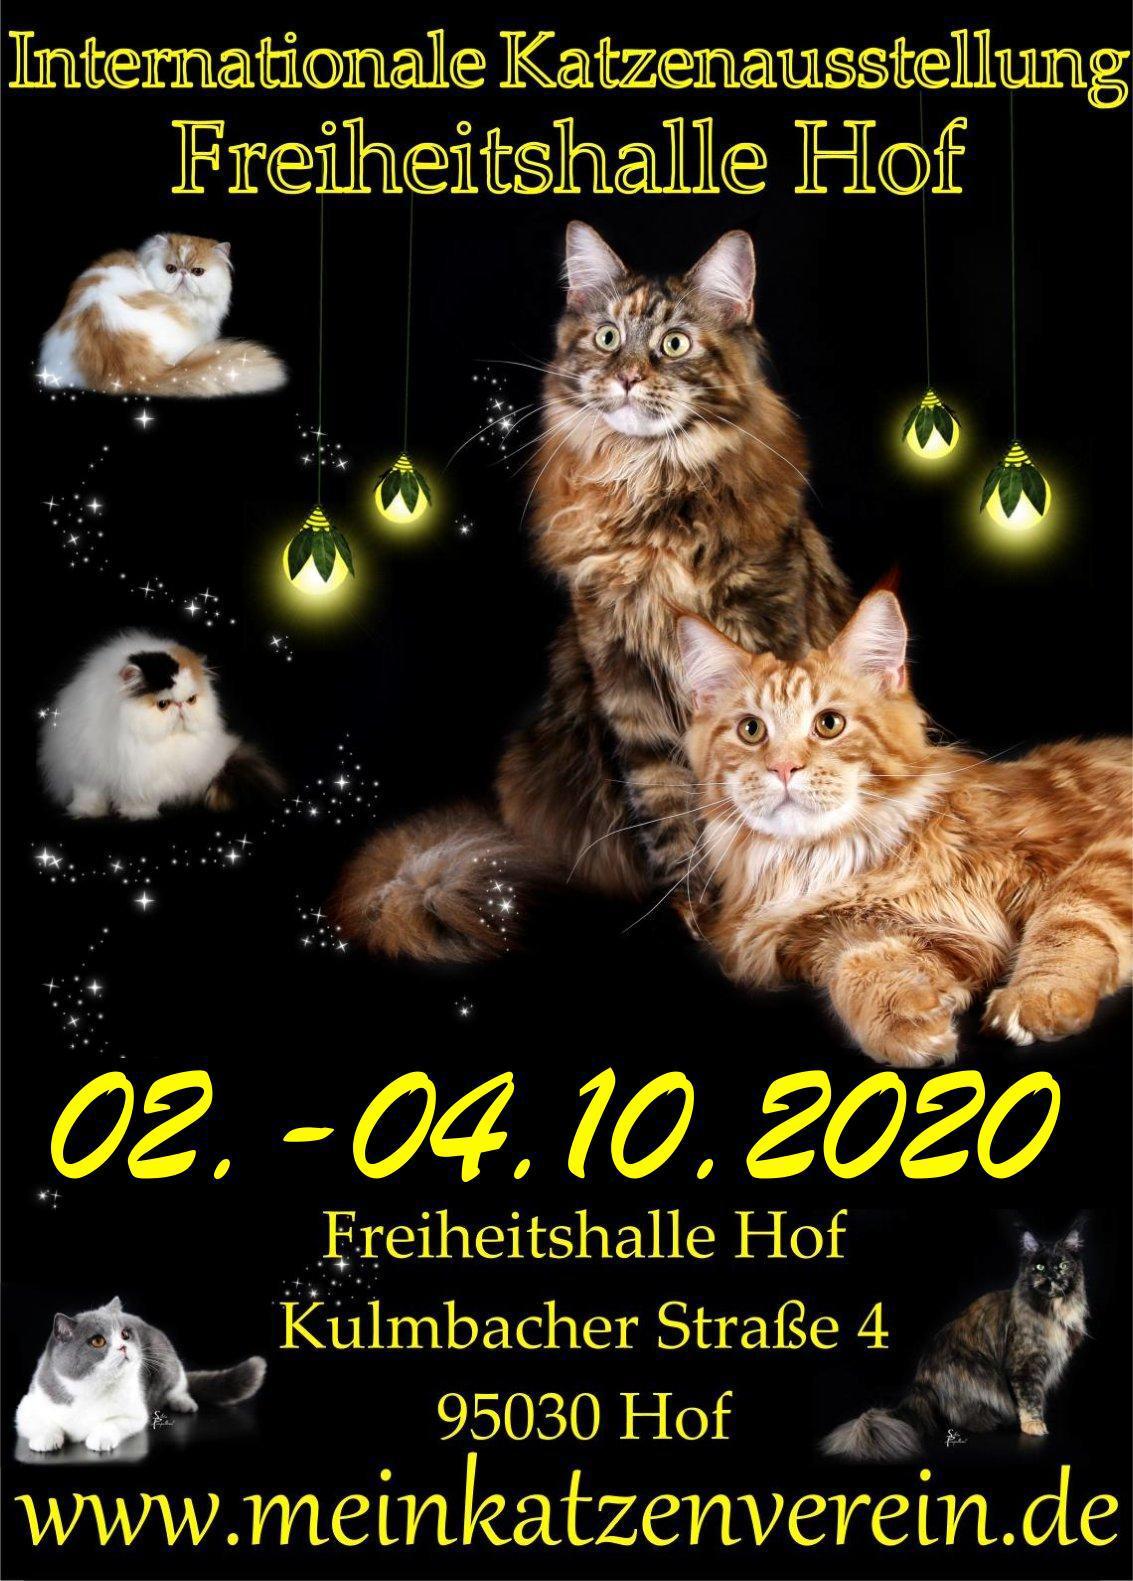 Internationale Katzenausstellung im Rahmen der Messe Hof